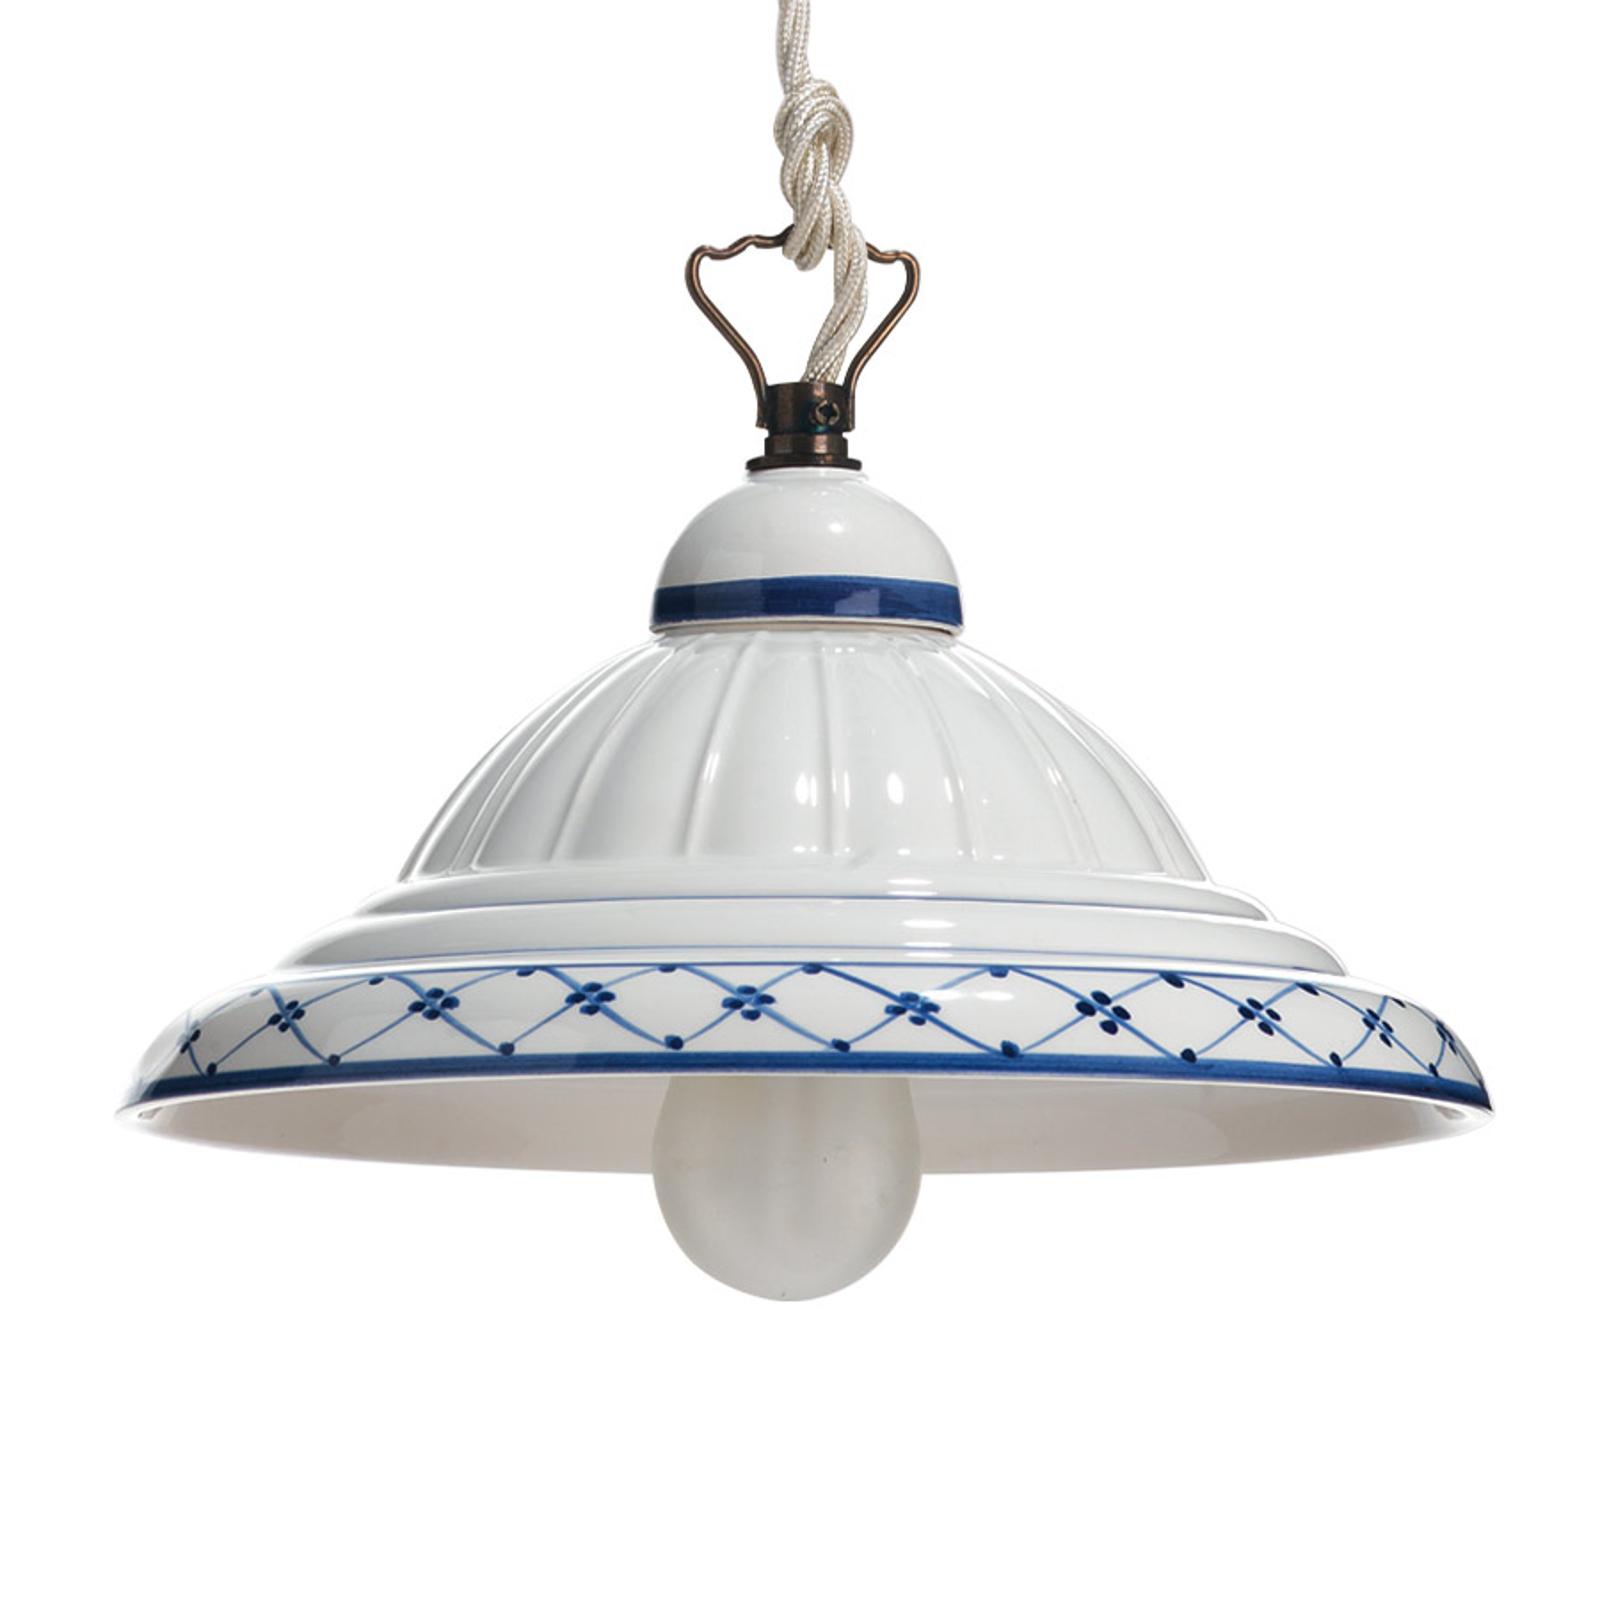 Hængelampe i keramik Zaffiro, i landlig stil